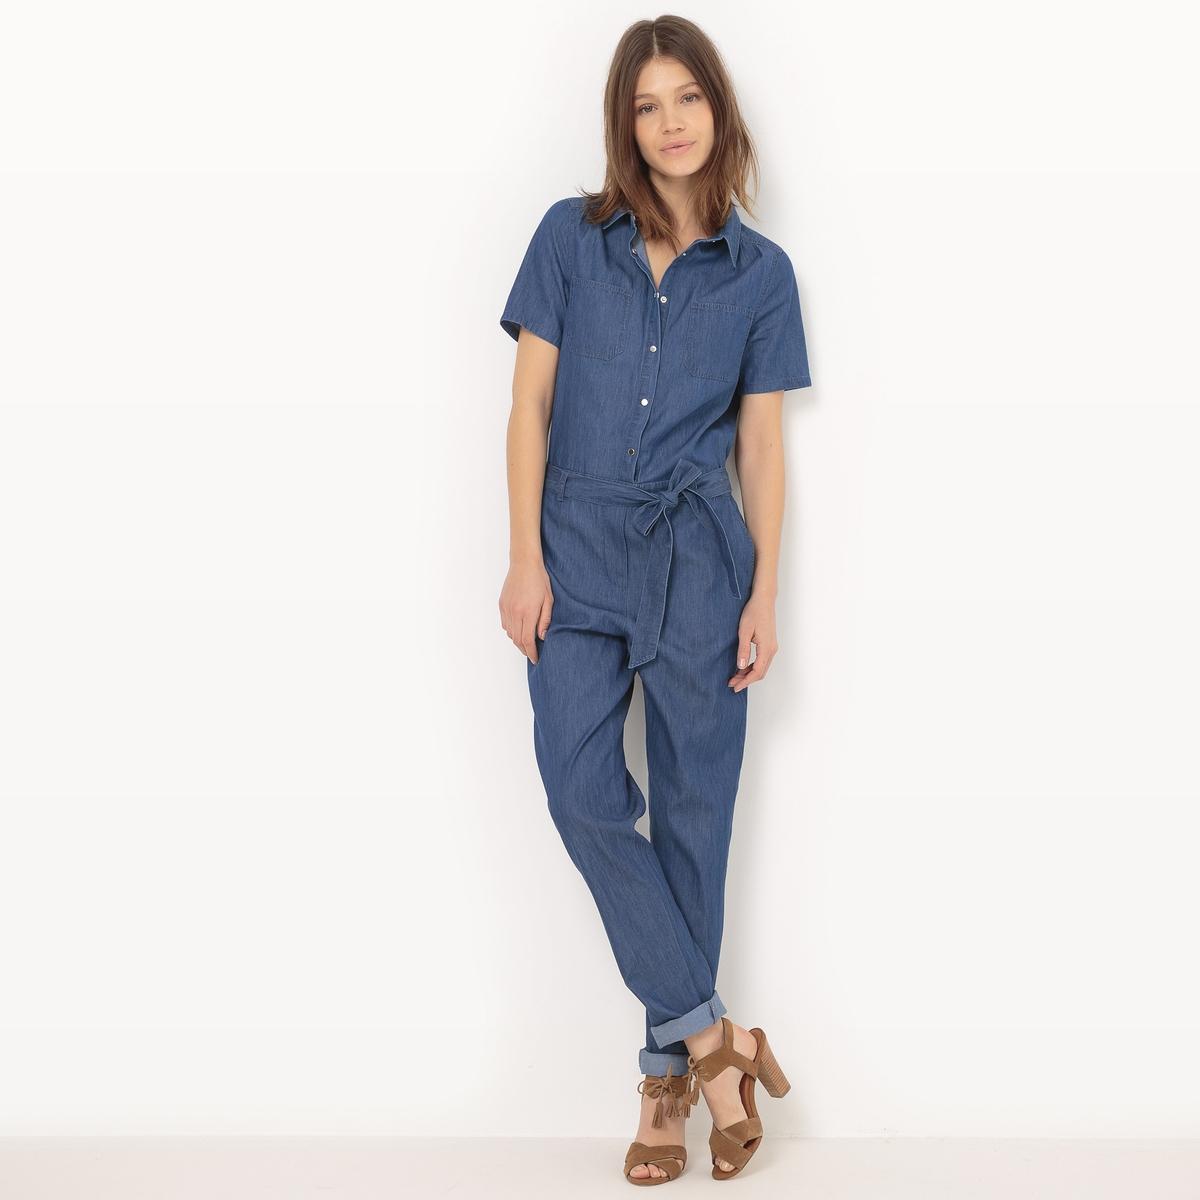 Комбинезон с брюками из денима, короткие рукава водолазка fly одежда повседневная на каждый день